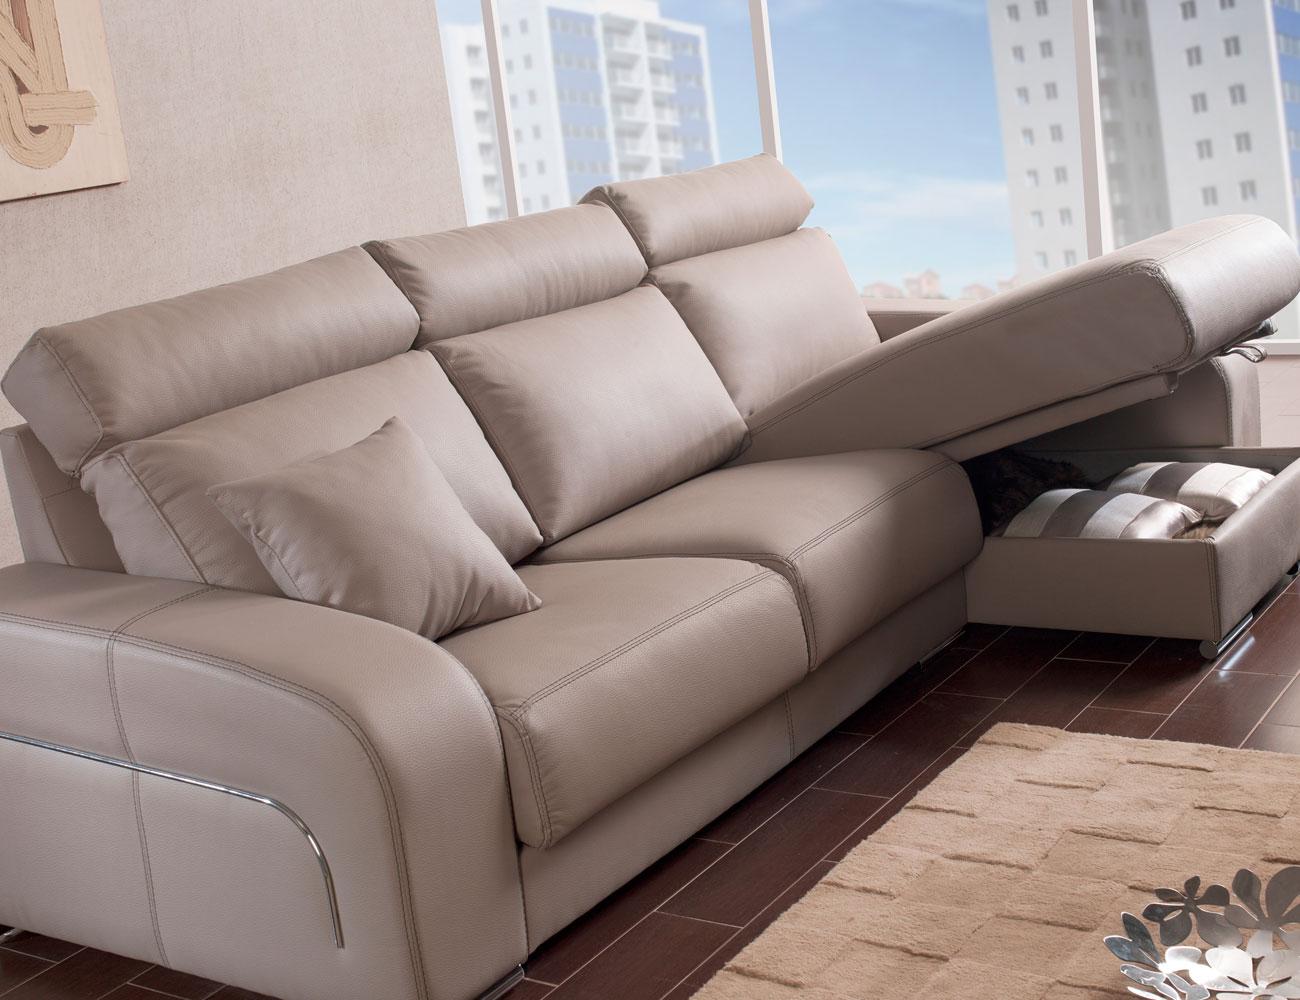 Sofa chaiselongue moderno pared cero arcon83